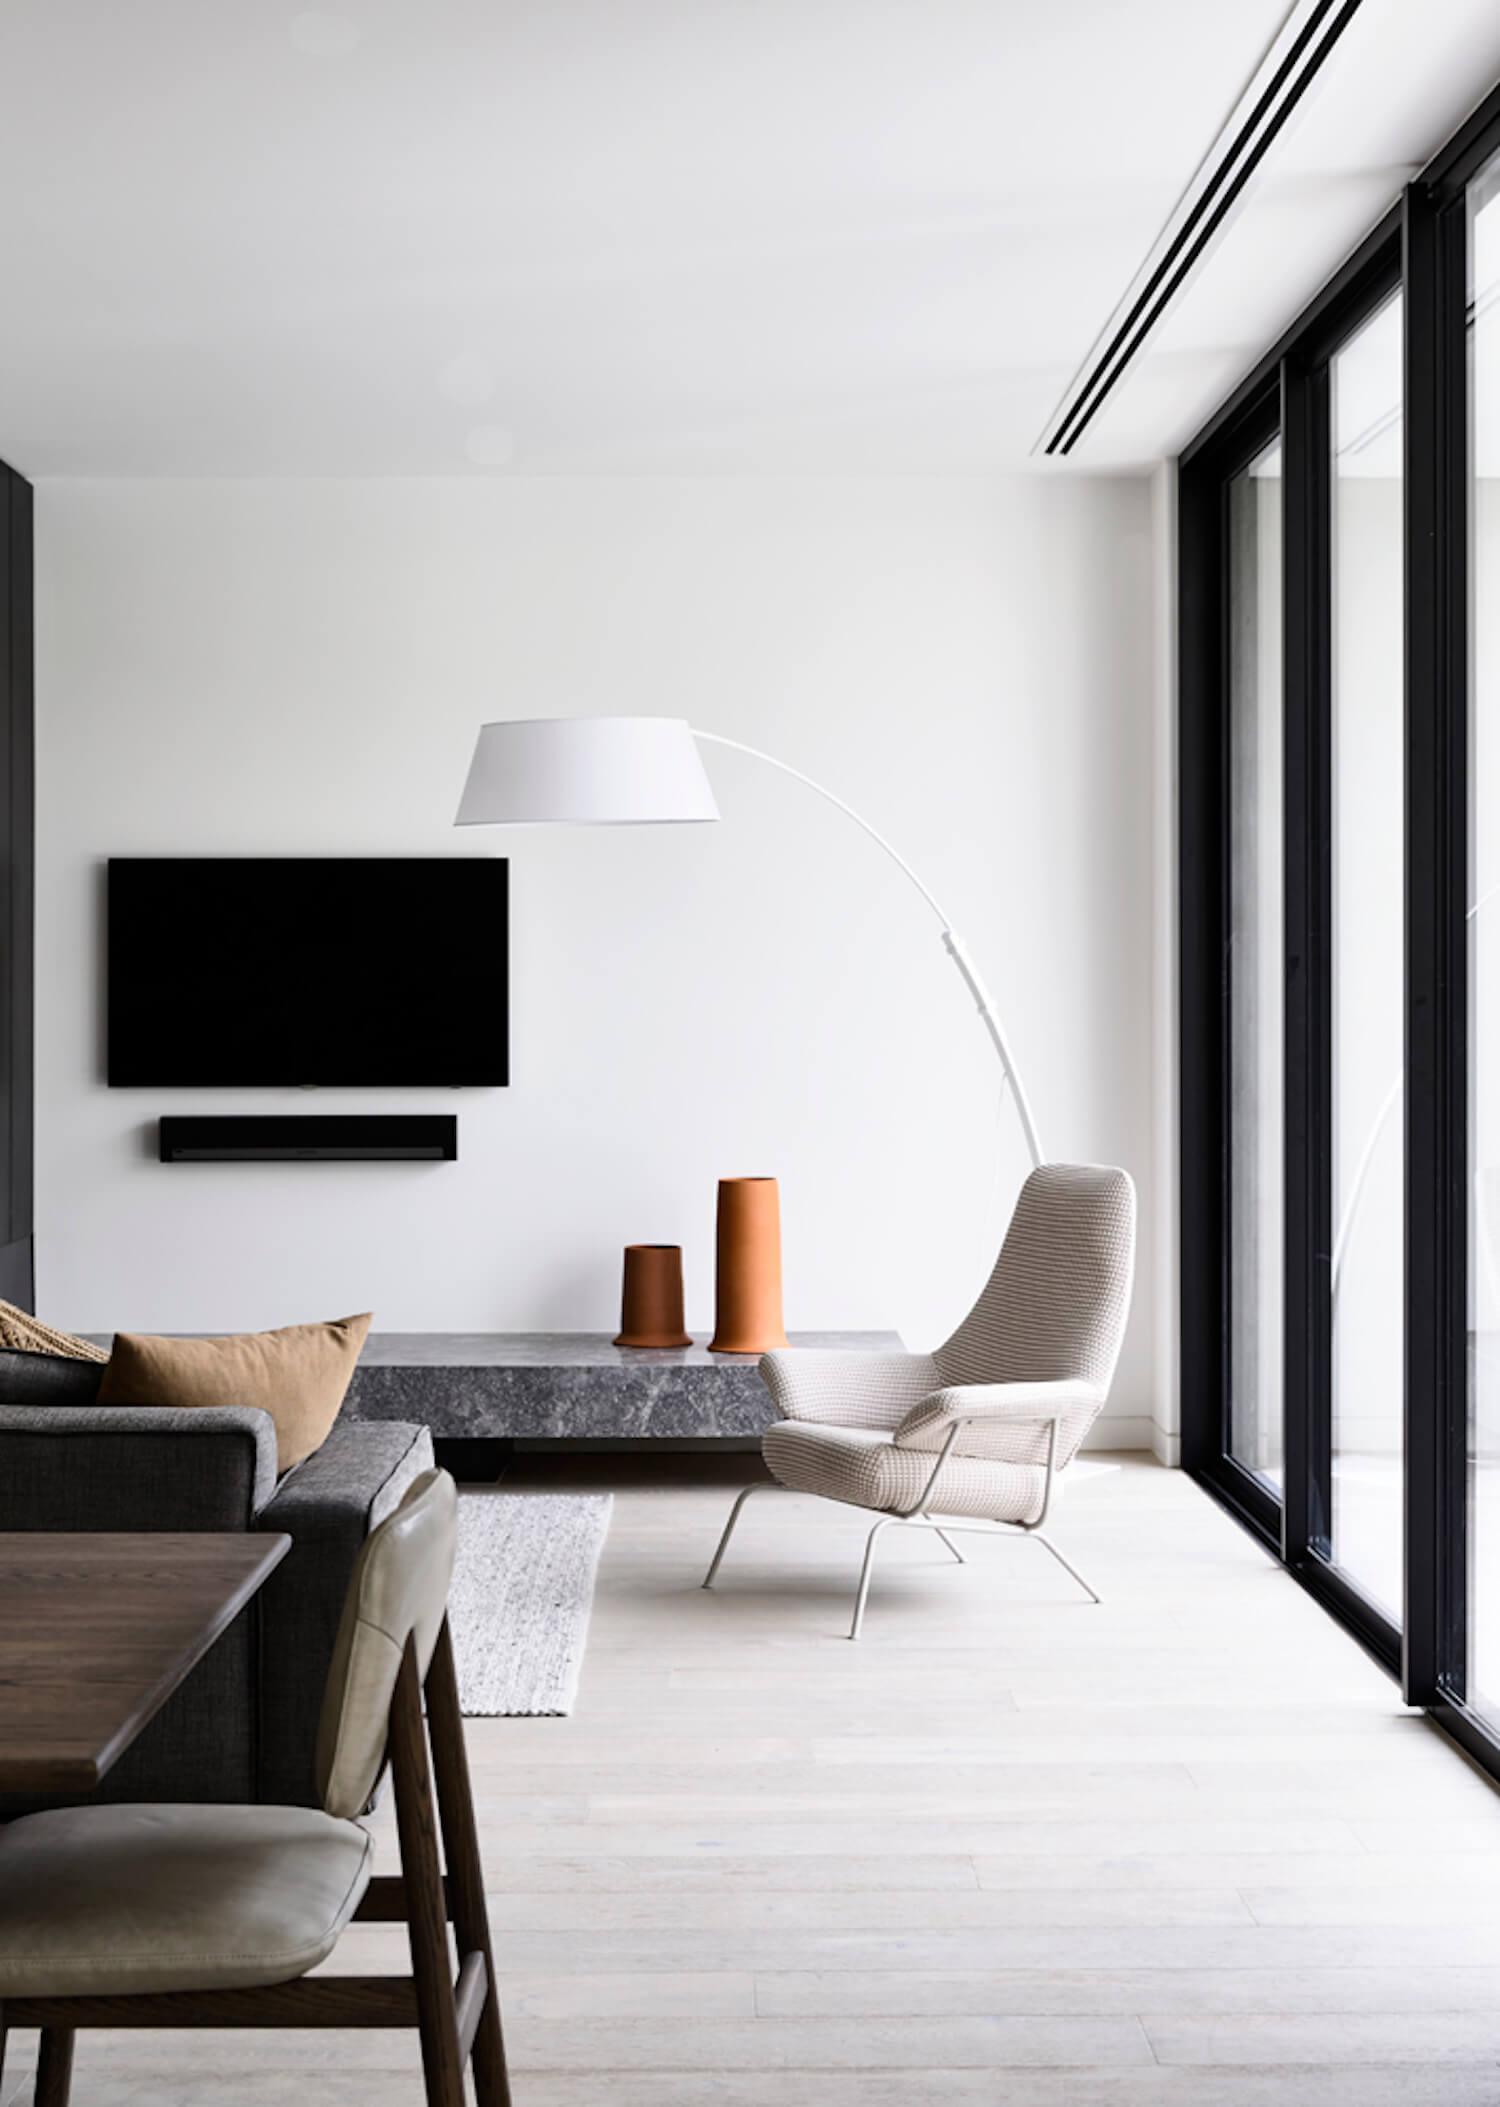 est living interiors New St Brighton 001